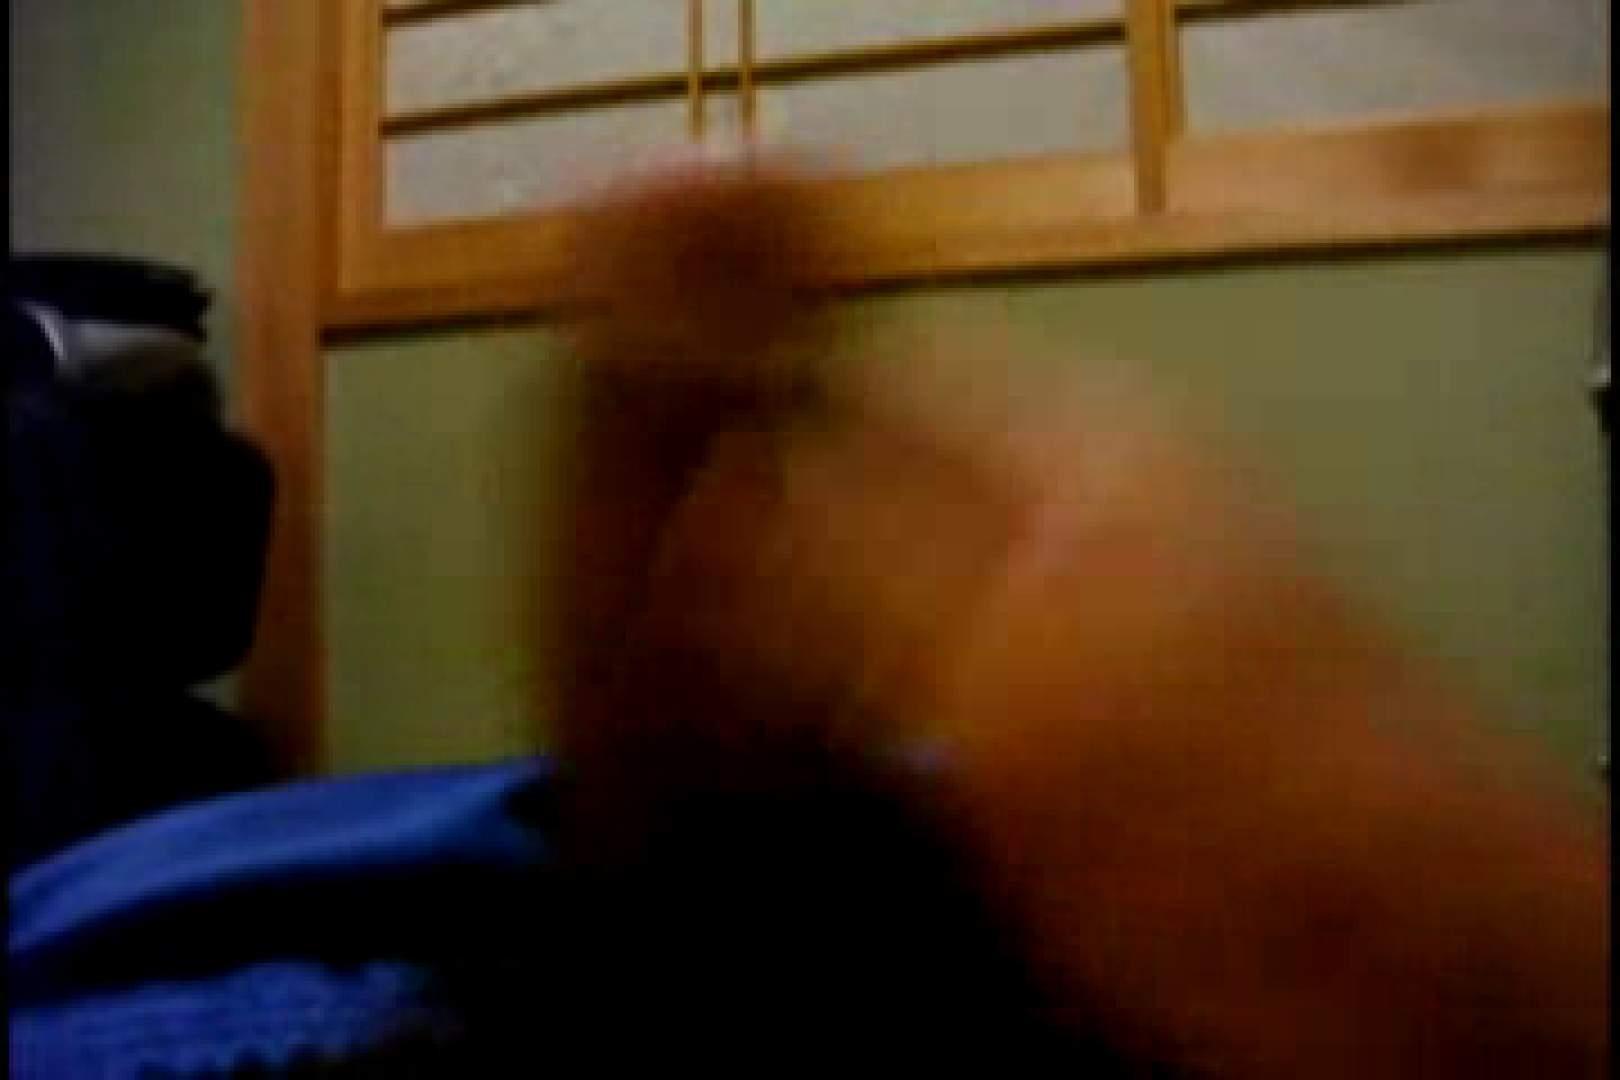 オナ好きノンケテニス部員の自画撮り投稿vol.02 流出特集 ゲイ丸見え画像 77枚 38